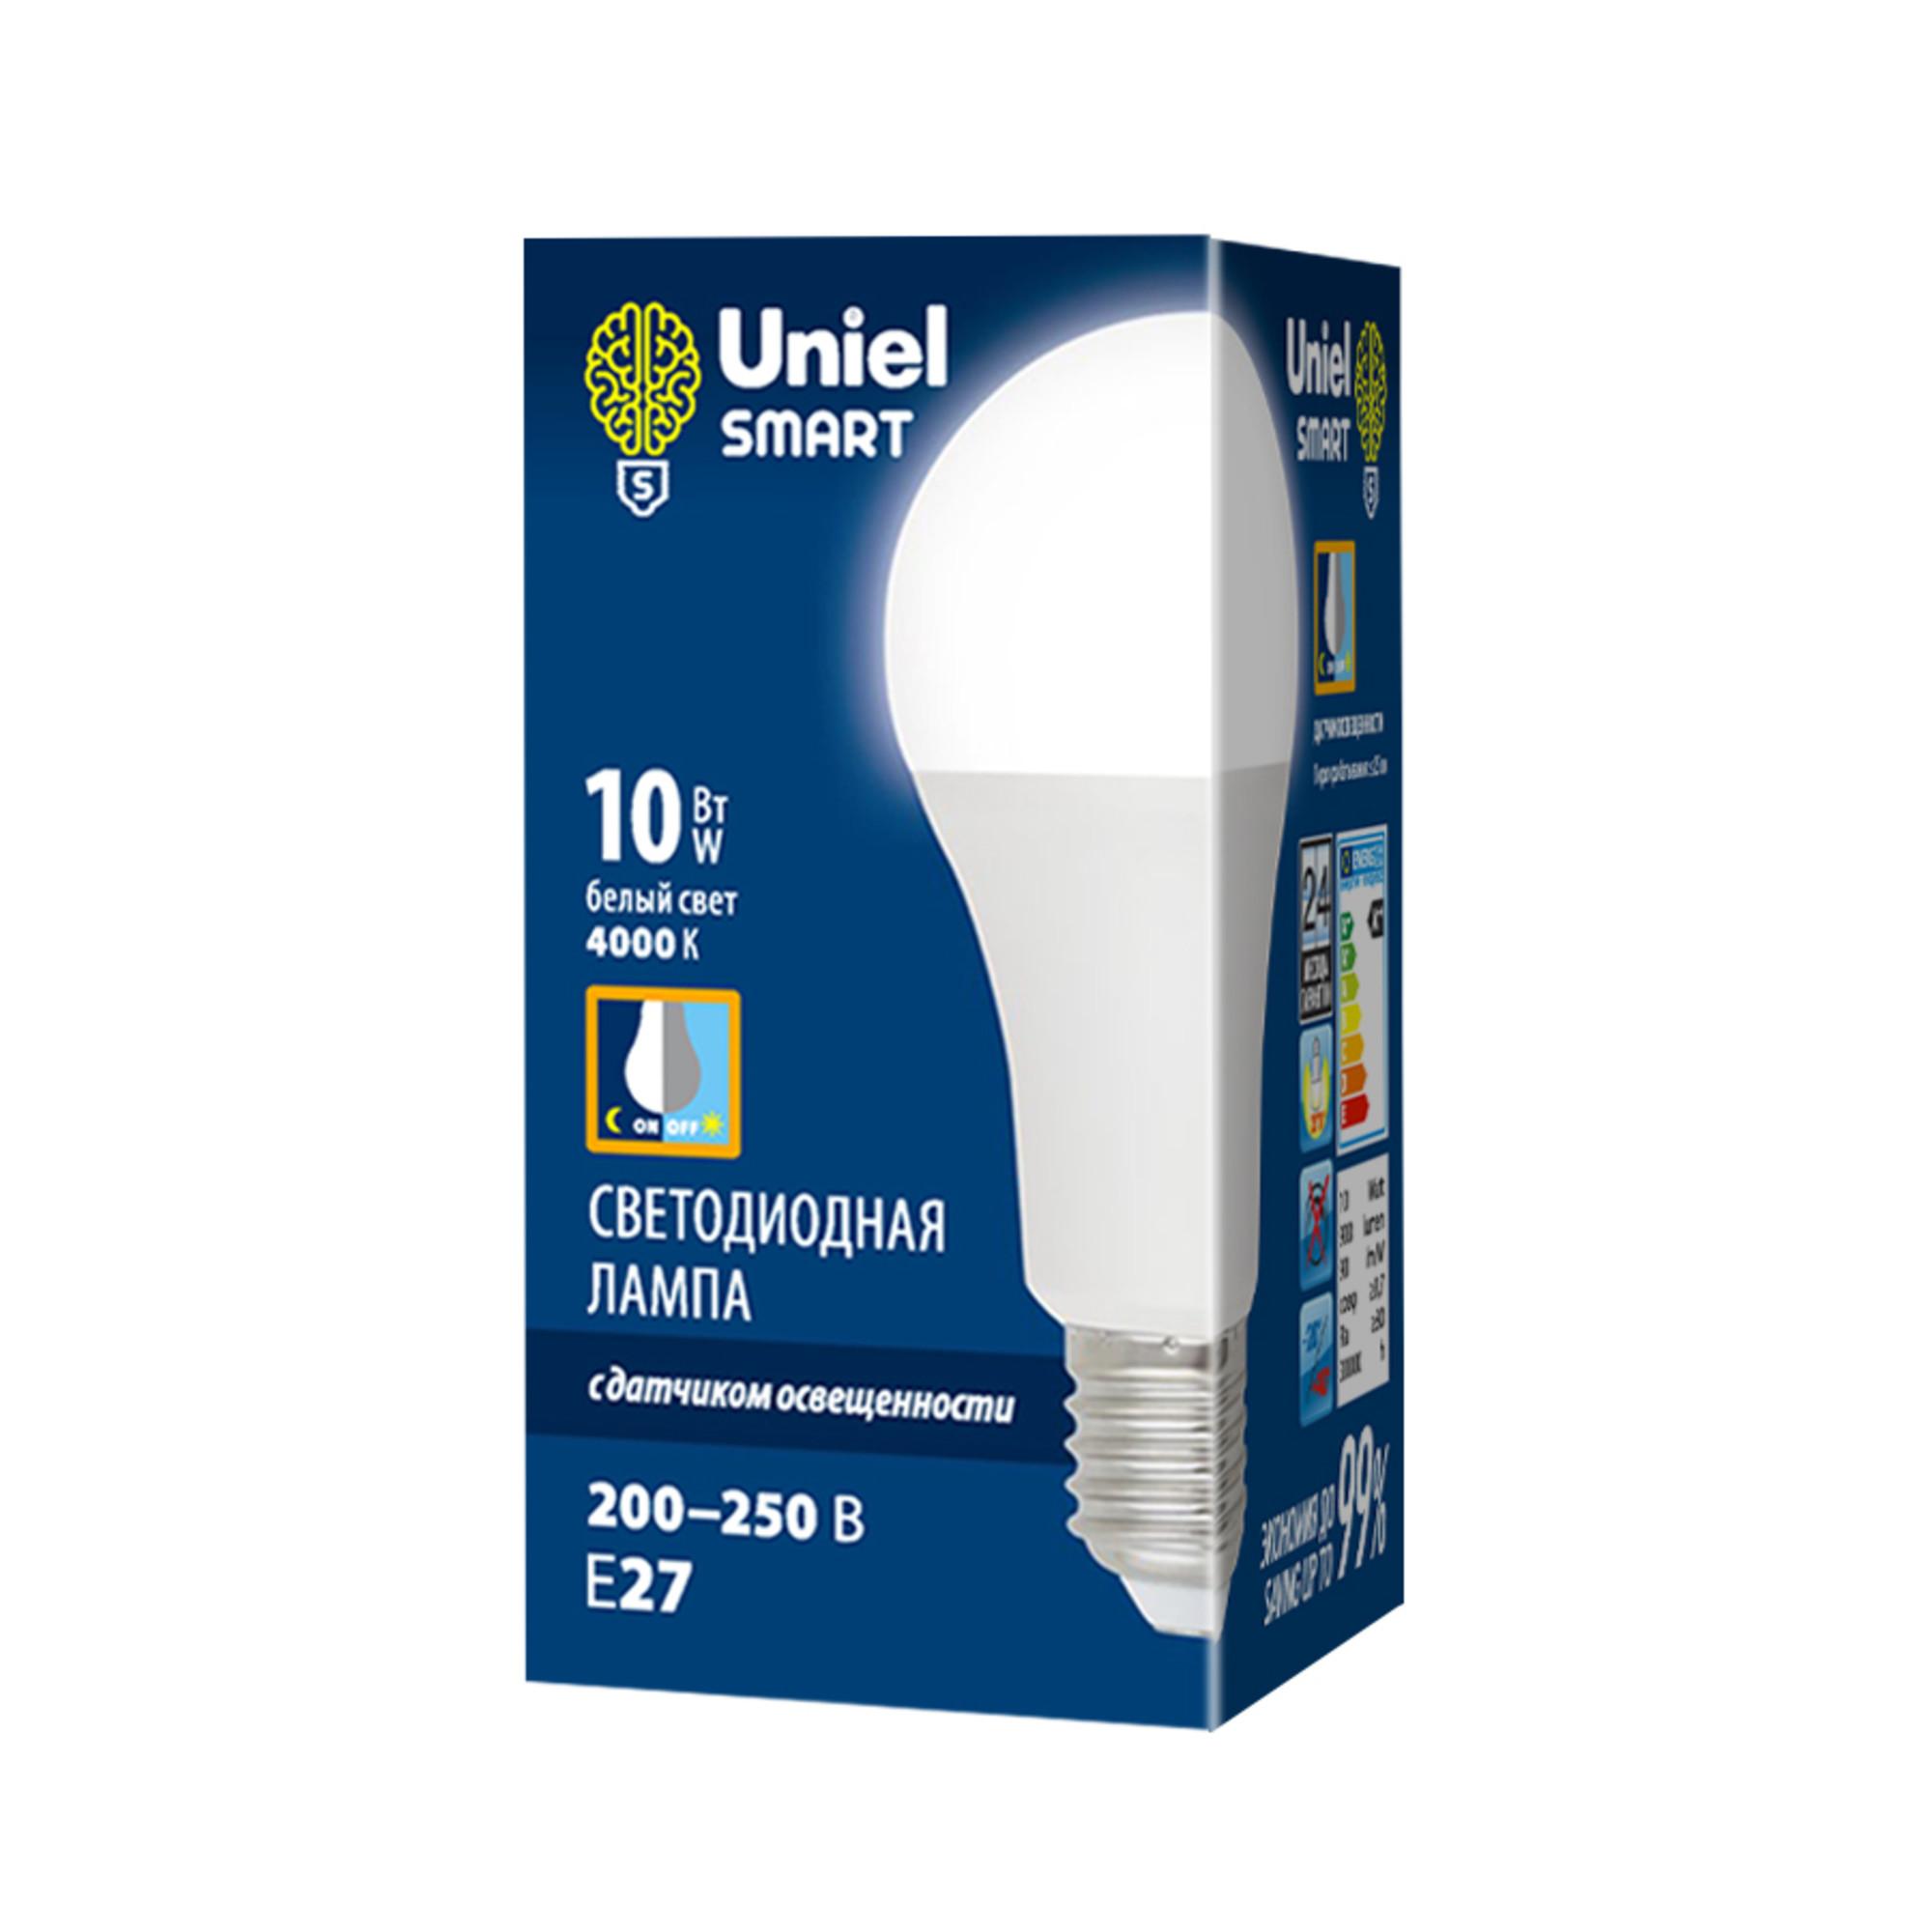 Лампа светодиодная с датчиком освещенности E27 Uniel Smart 200-250 В 10 Вт груша матовая 900 лм белый свет